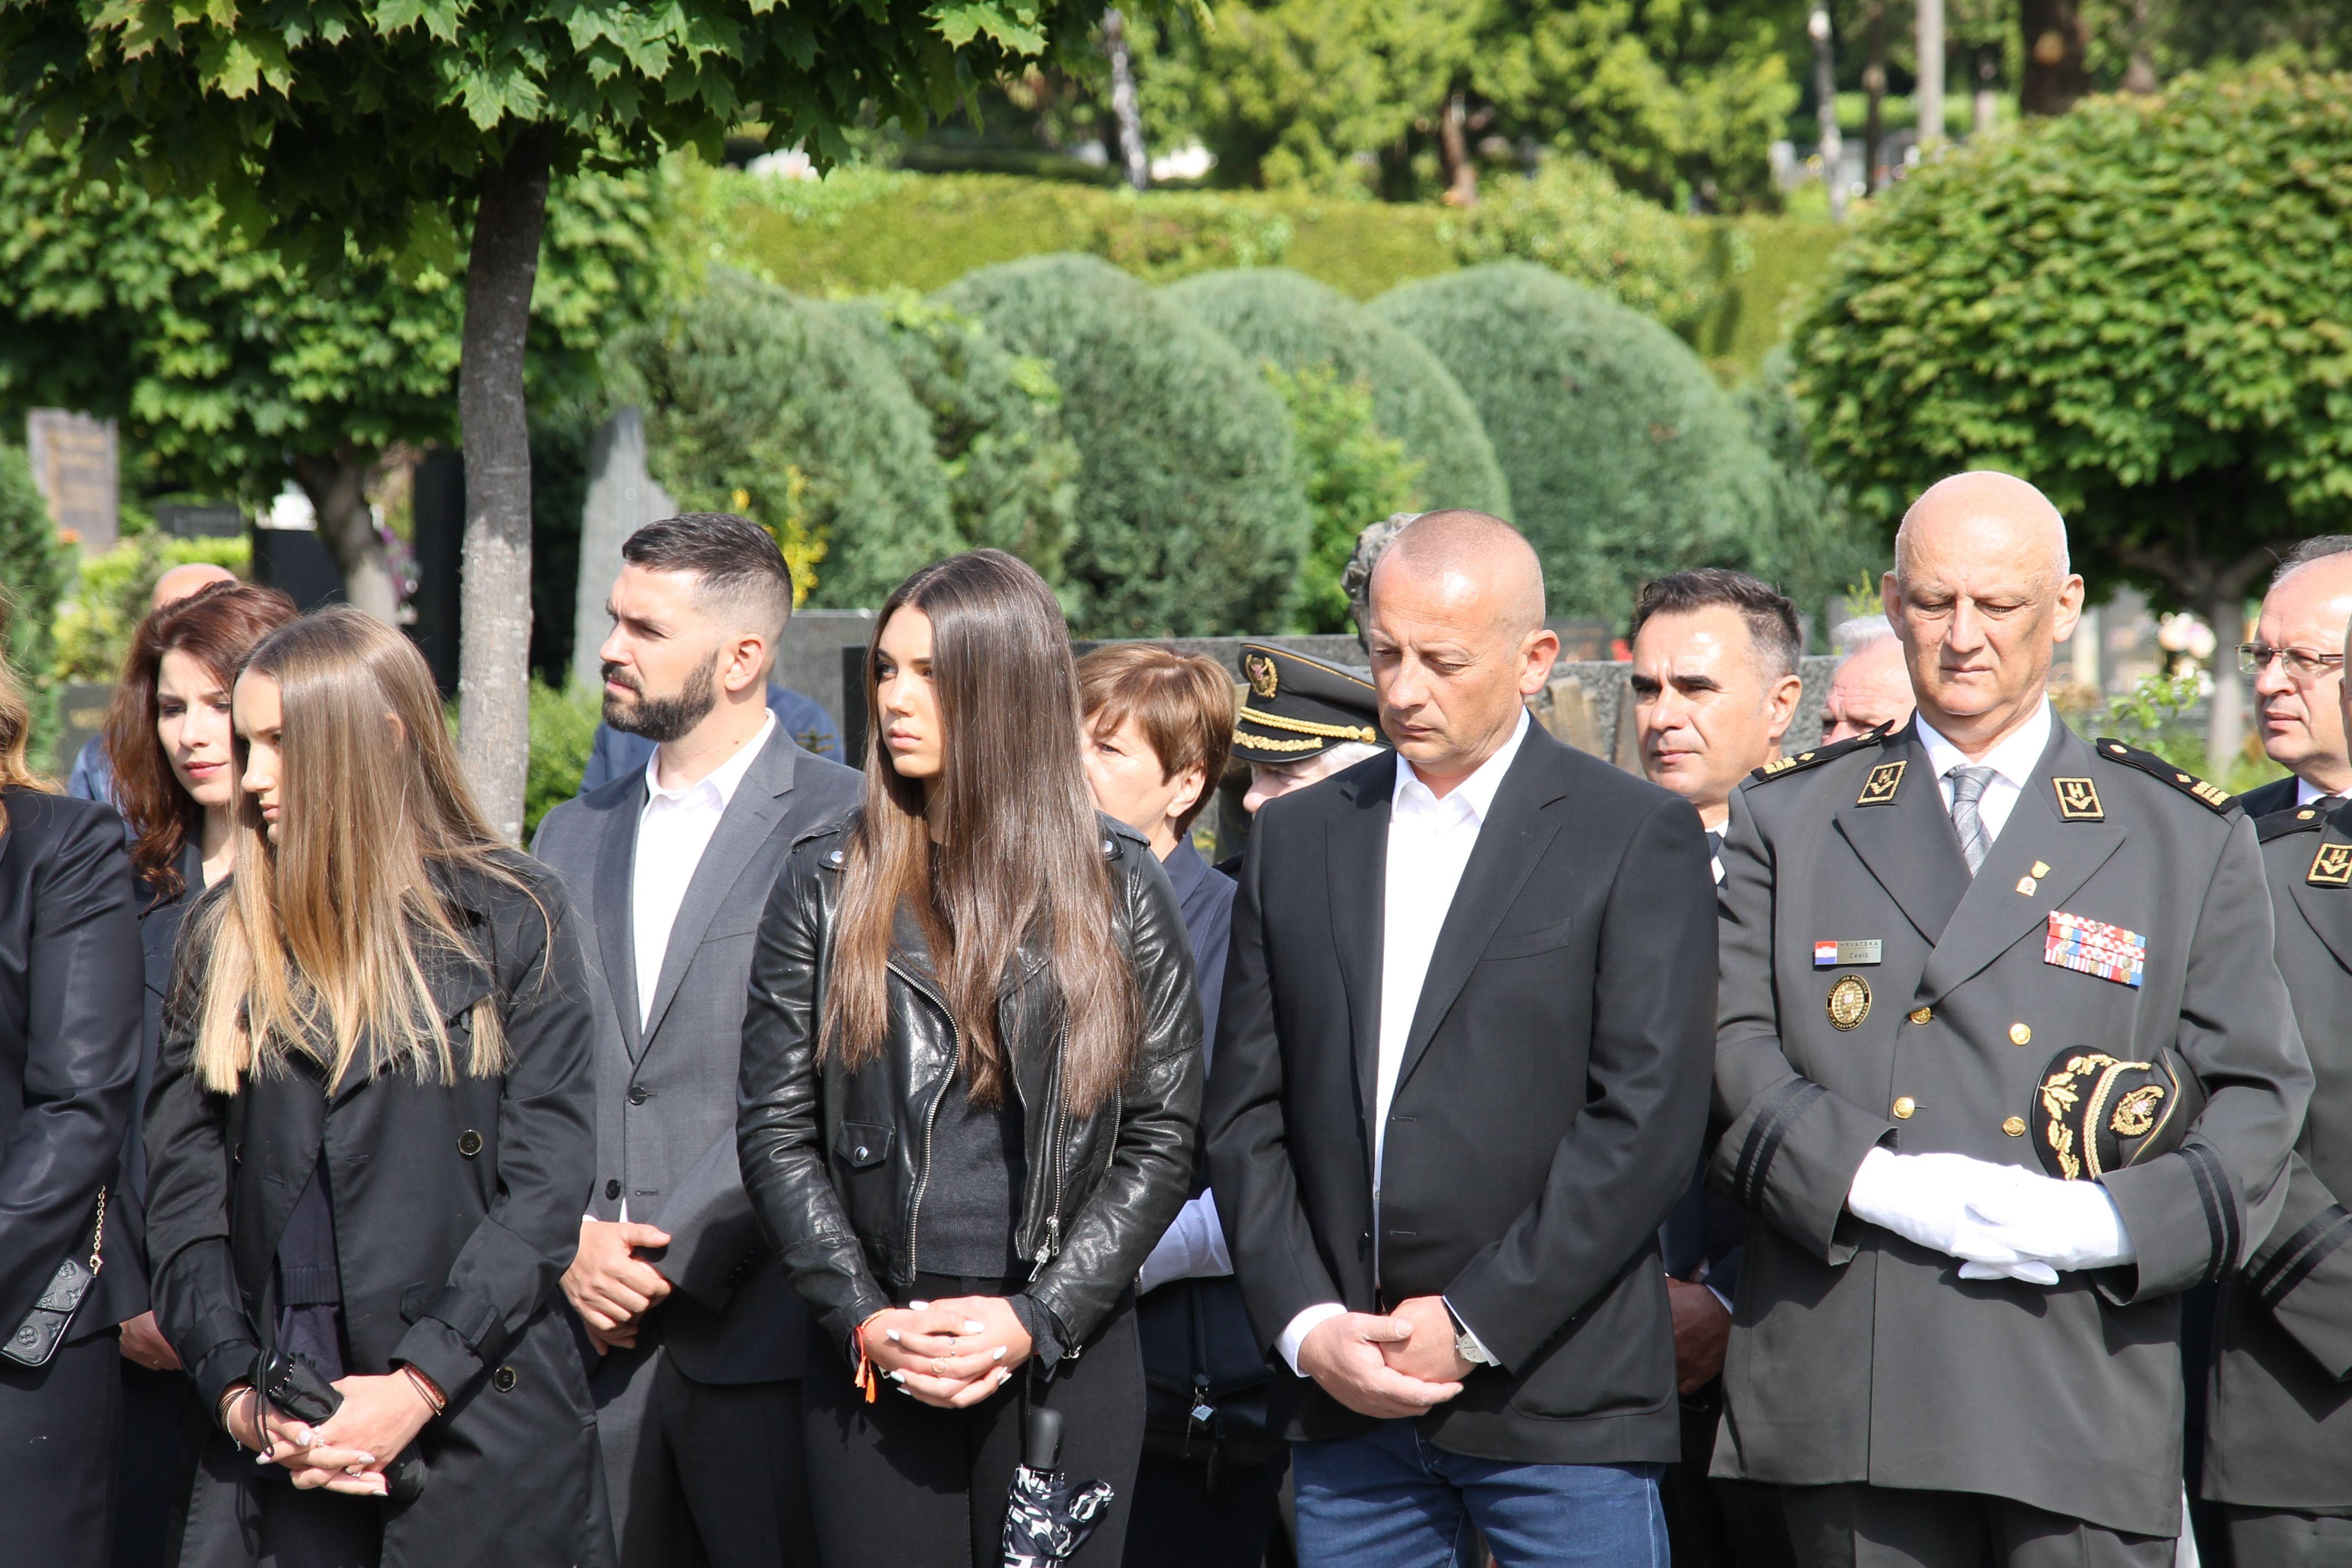 """Obilježena 21. godišnjica smrti ratnog ministra obrane Gojka Šuška -Rojs: """"Šušak je jedan od najzaslužnijih osoba za stvaranje Hrvatske"""""""